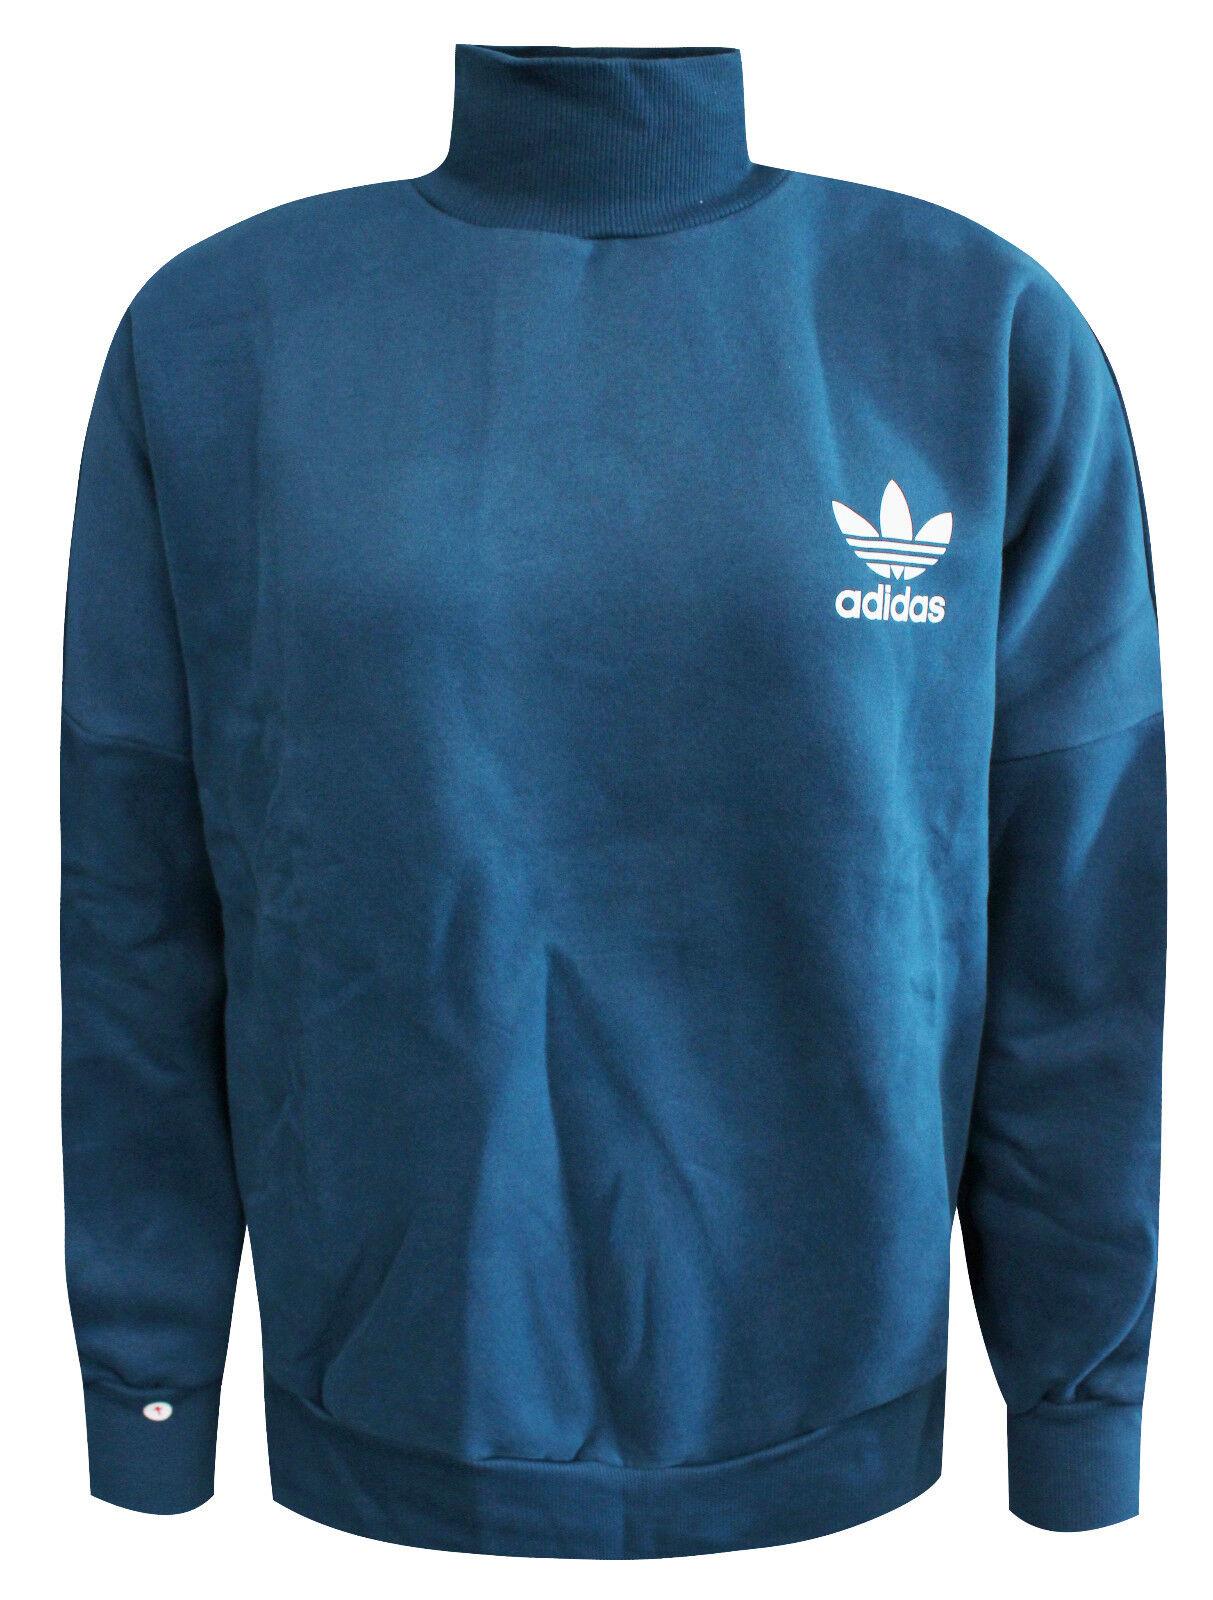 Details about Adidas Originals Blue Trefoil Sweatshirt Track Top Jumper Jacket AY8397 A60D